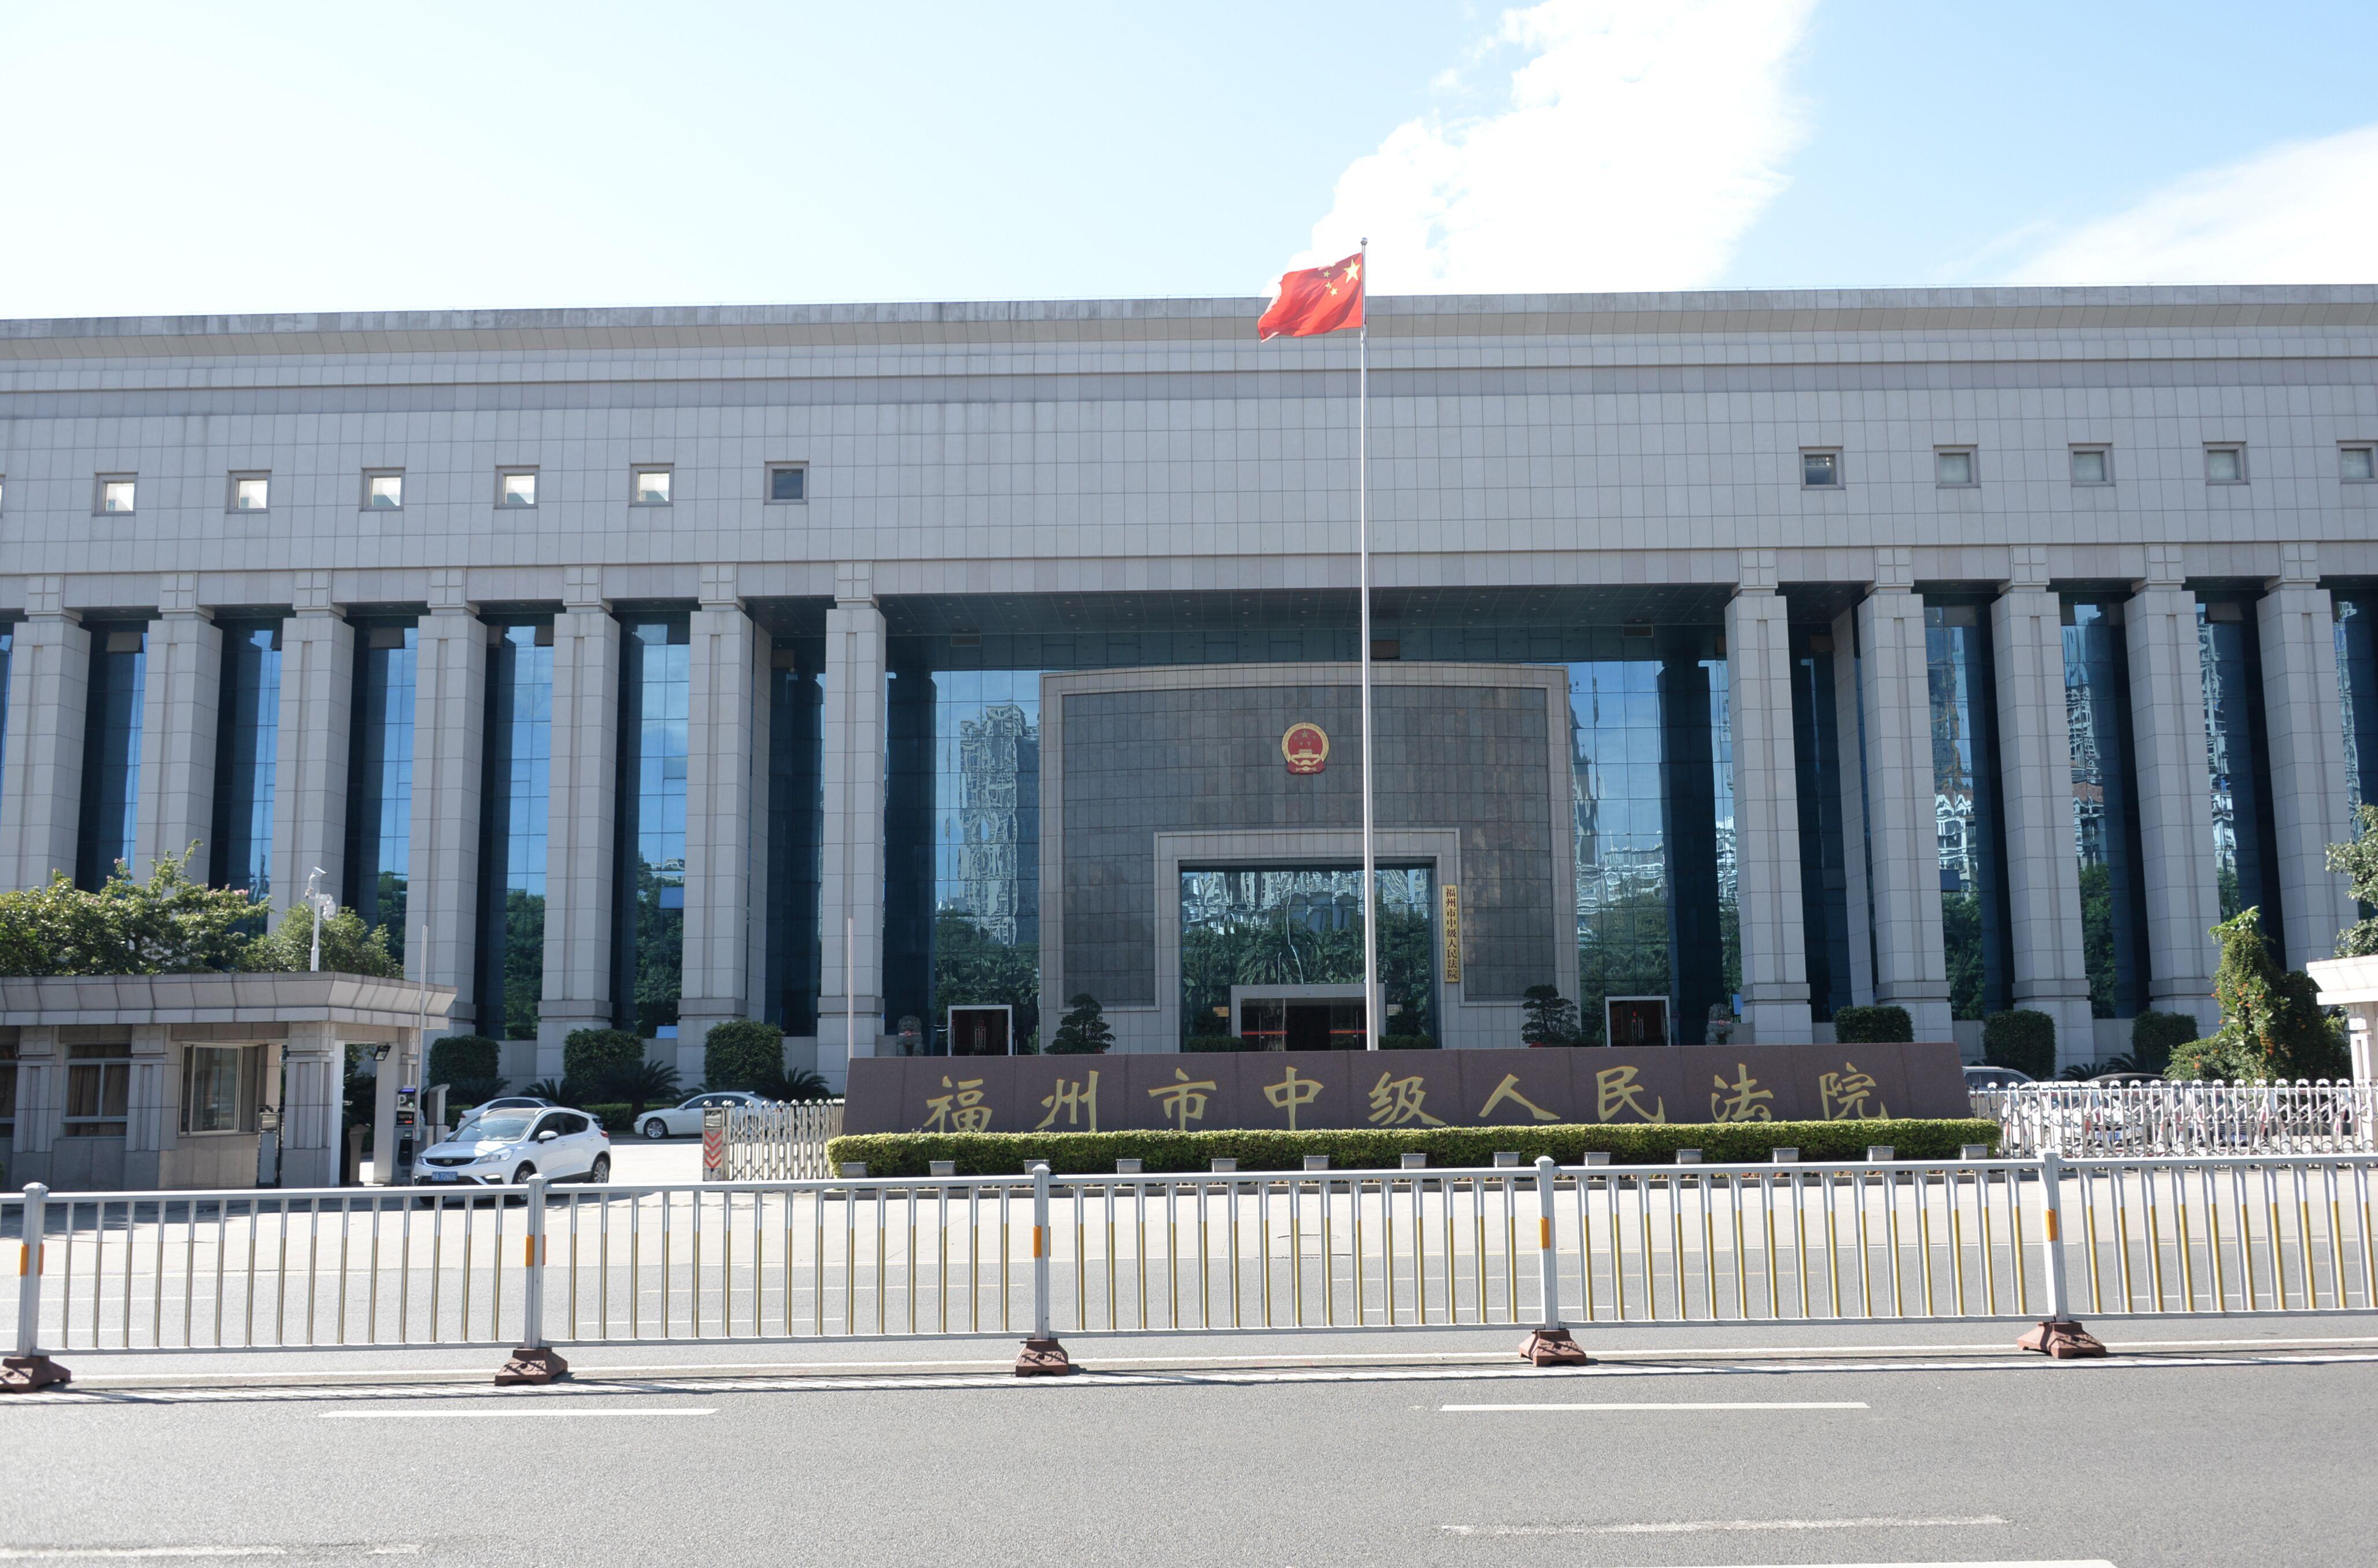 苹果禁售不可上诉,苹果想推翻iPhone在中国的销售禁令已不可能